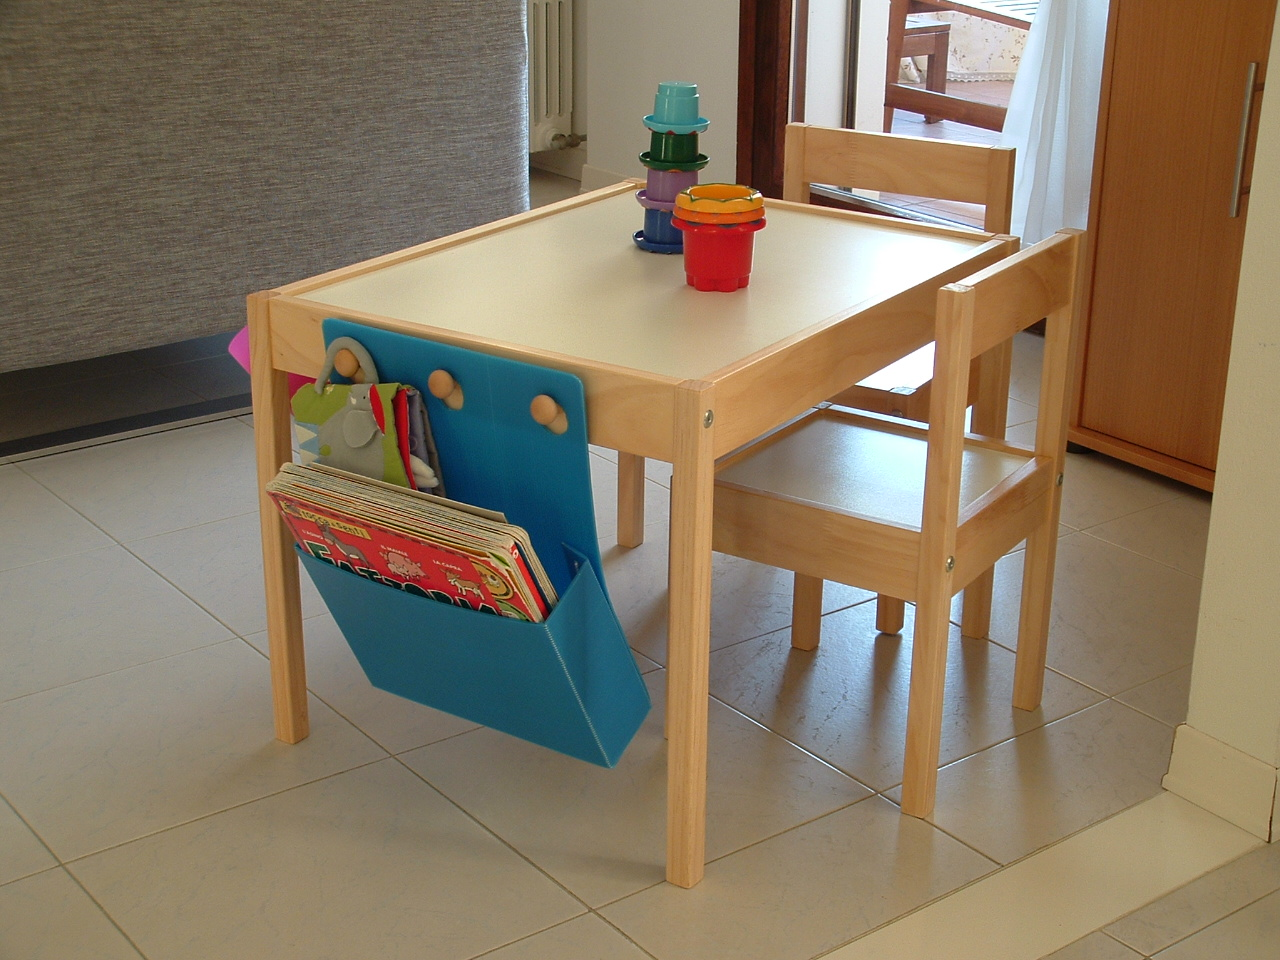 Legno Grezzo Ikea: Scalette sgabelli ikea. Tavoli pranzo ikea ...